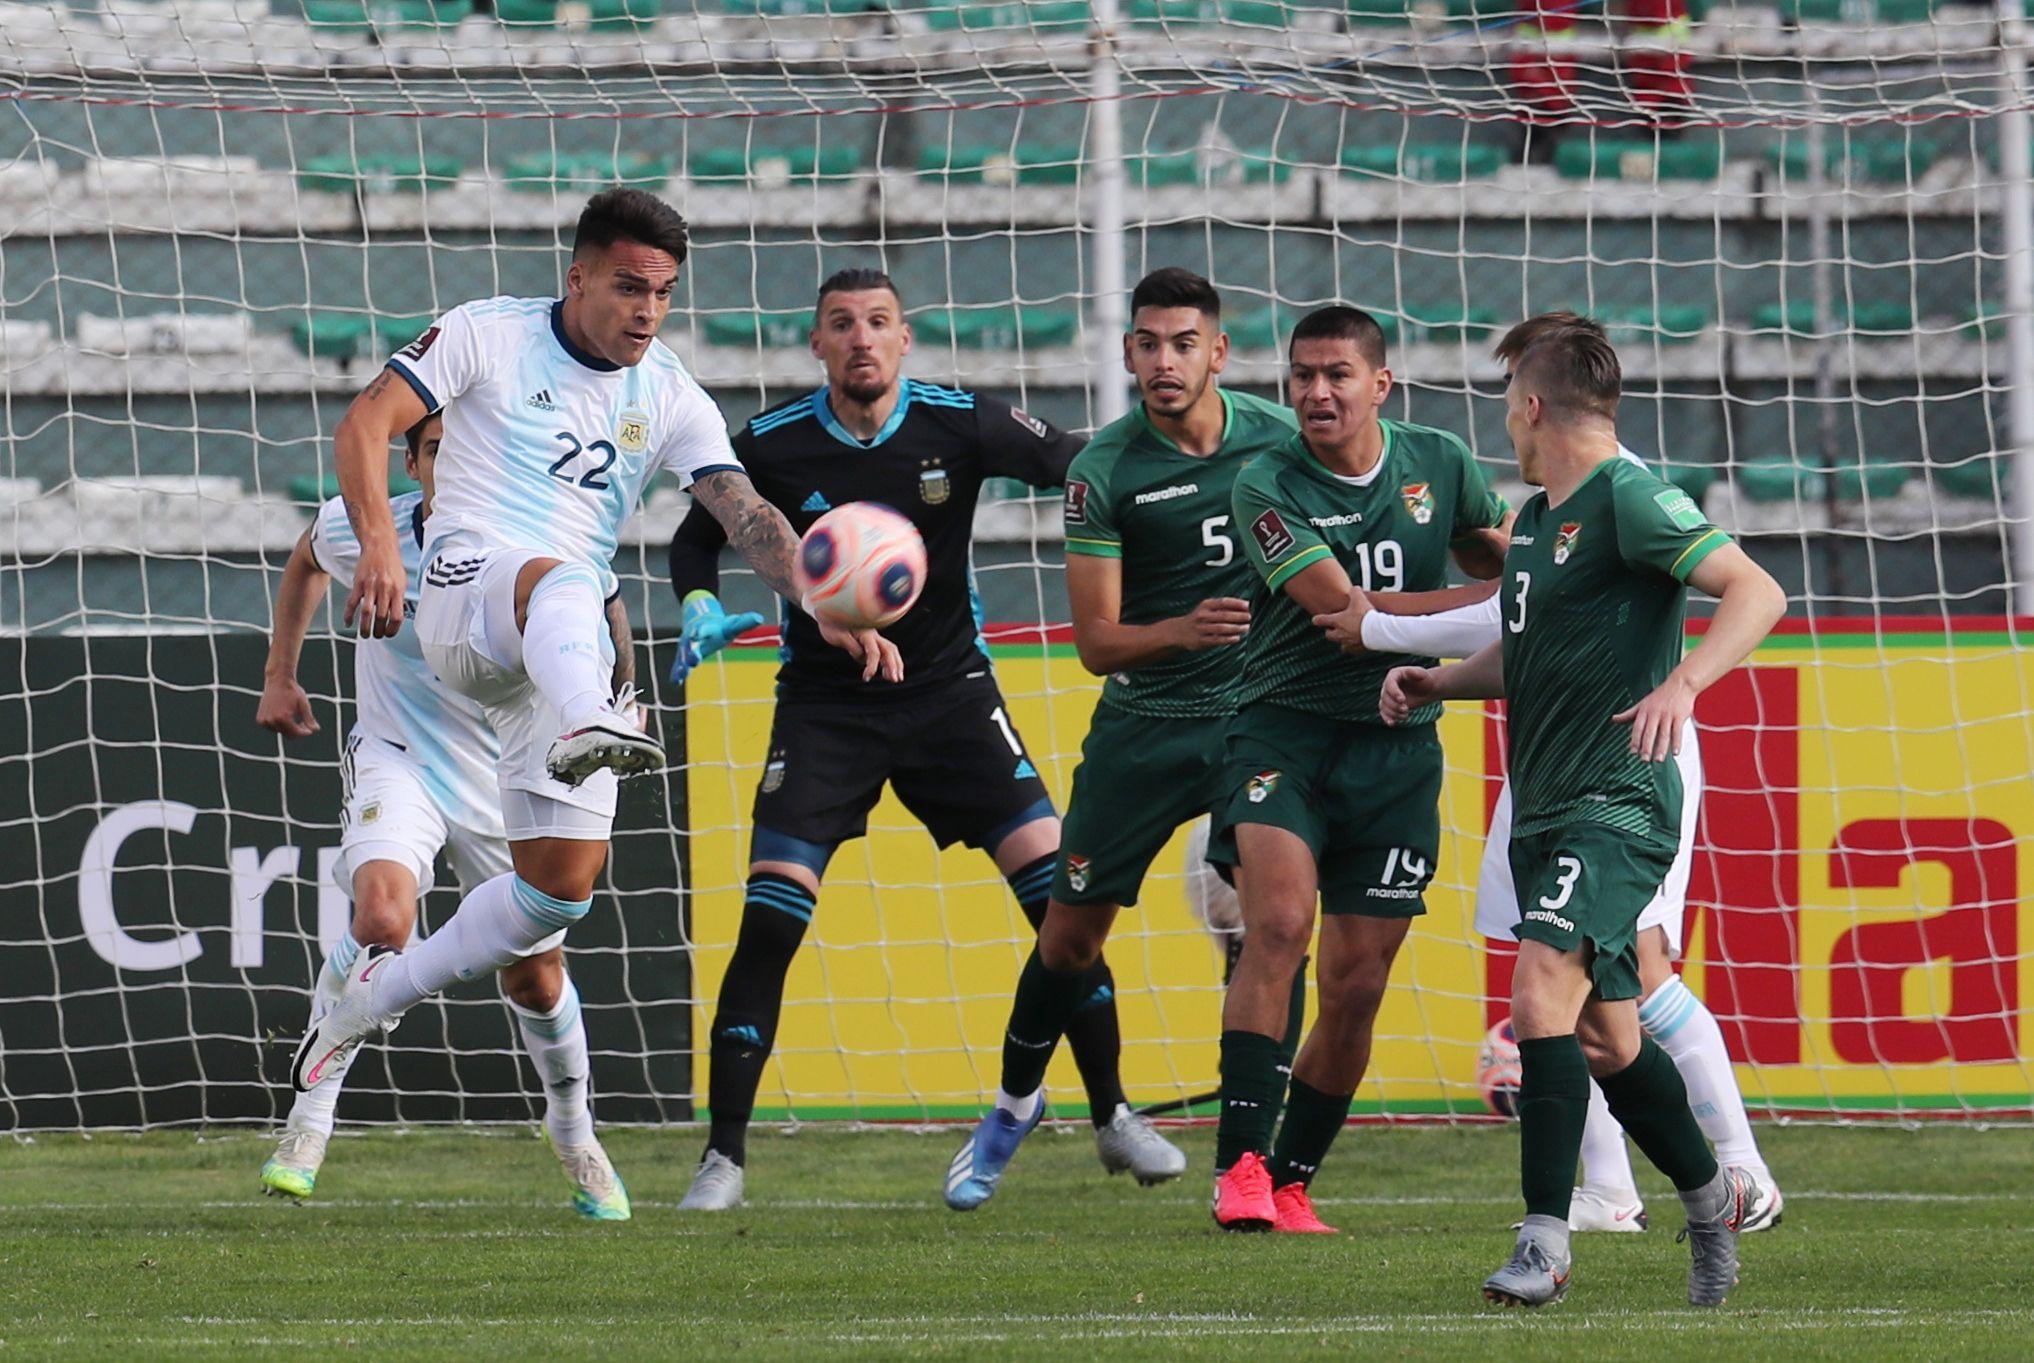 En los primeros minutos, la Selección mostró dominio en ataque pero no llegó a concretar jugadas claras de peligro